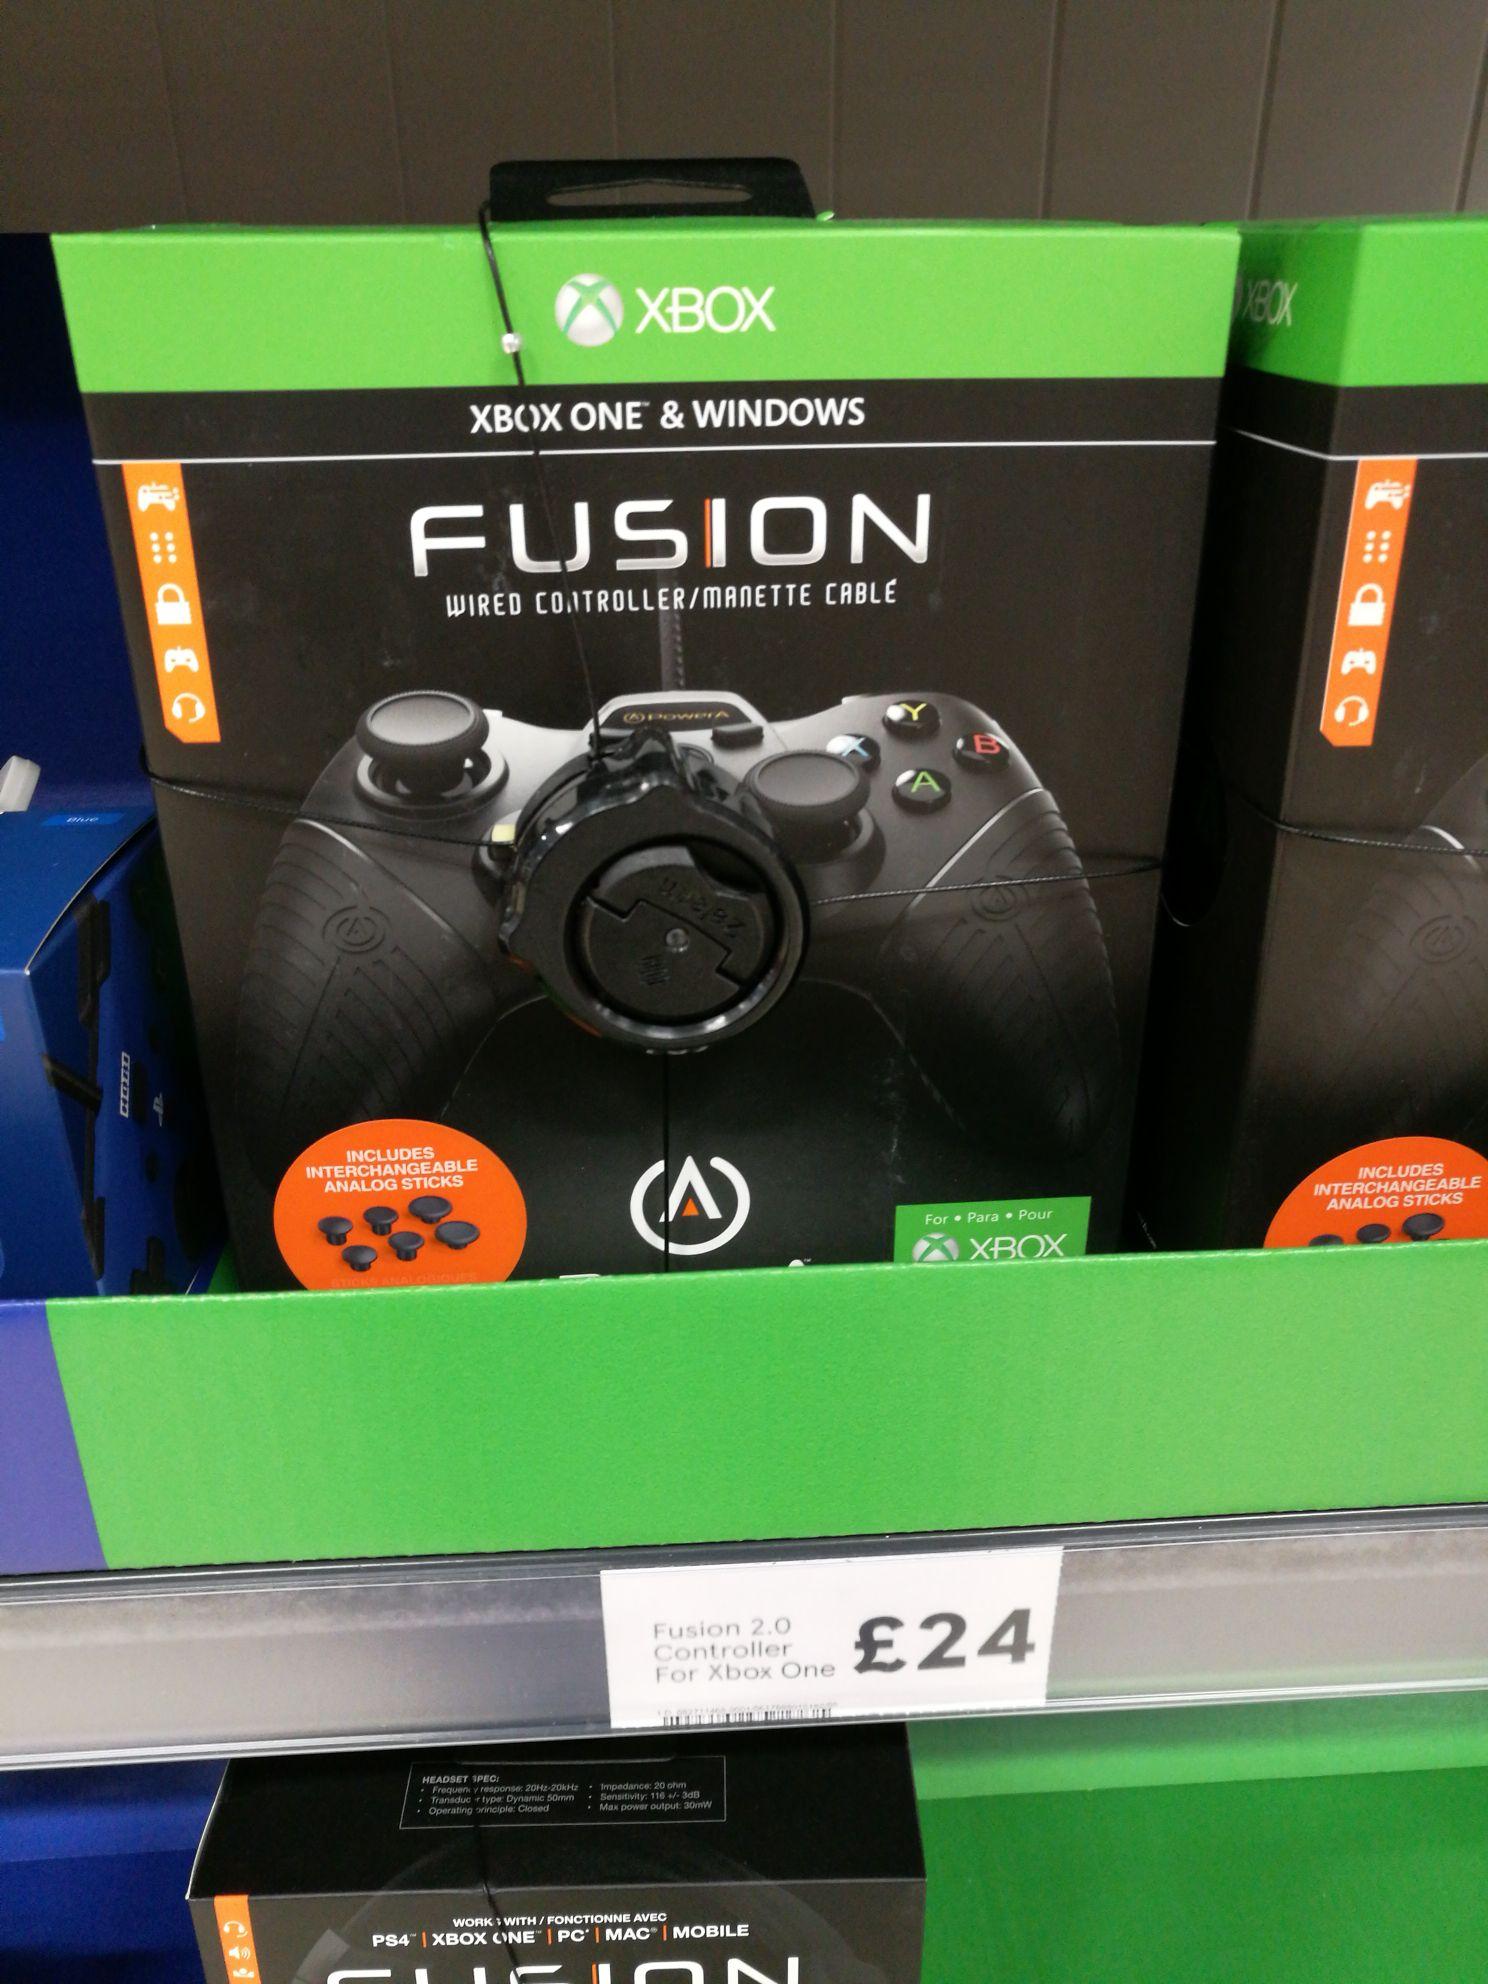 Fusion 2.0 controller fox Xbox One £24 @ Tesco - Llamsamlet